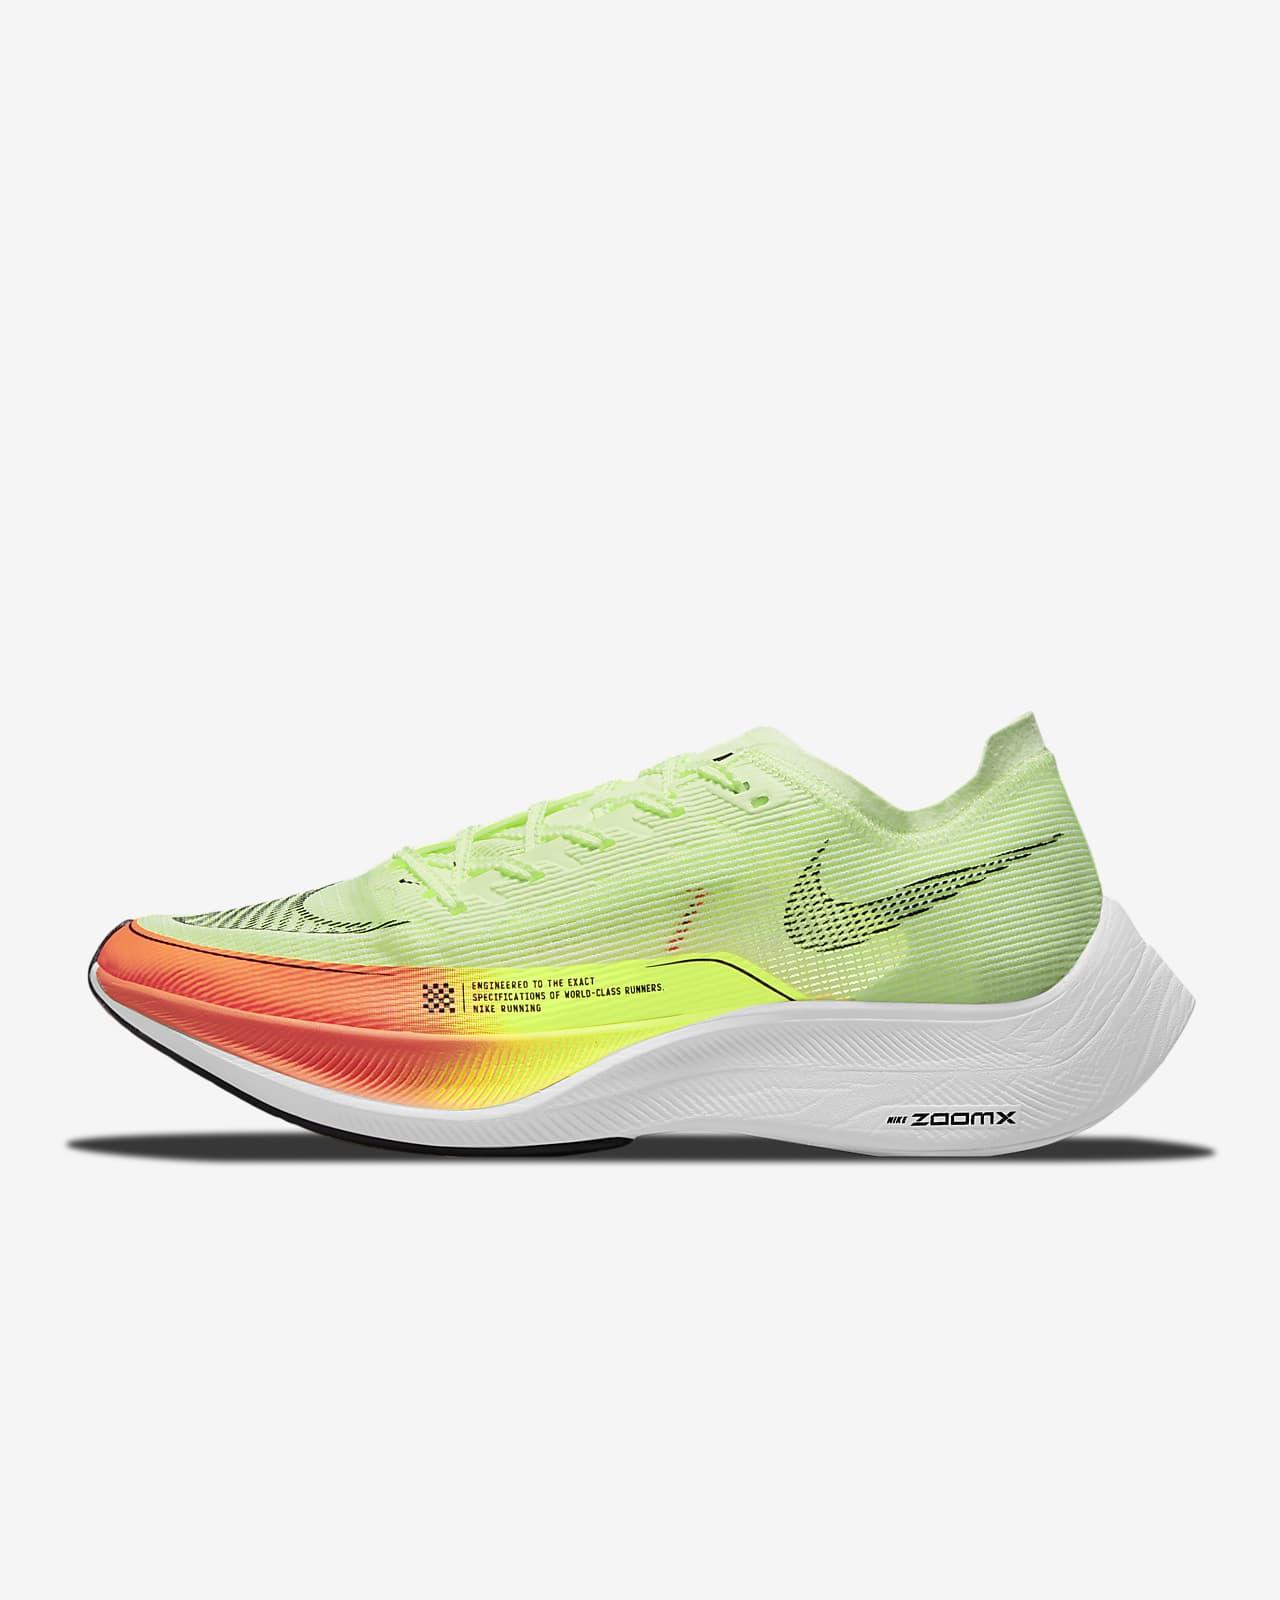 Nike ZoomX Vaporfly Next%2 Zapatillas de competición para asfalto - Hombre